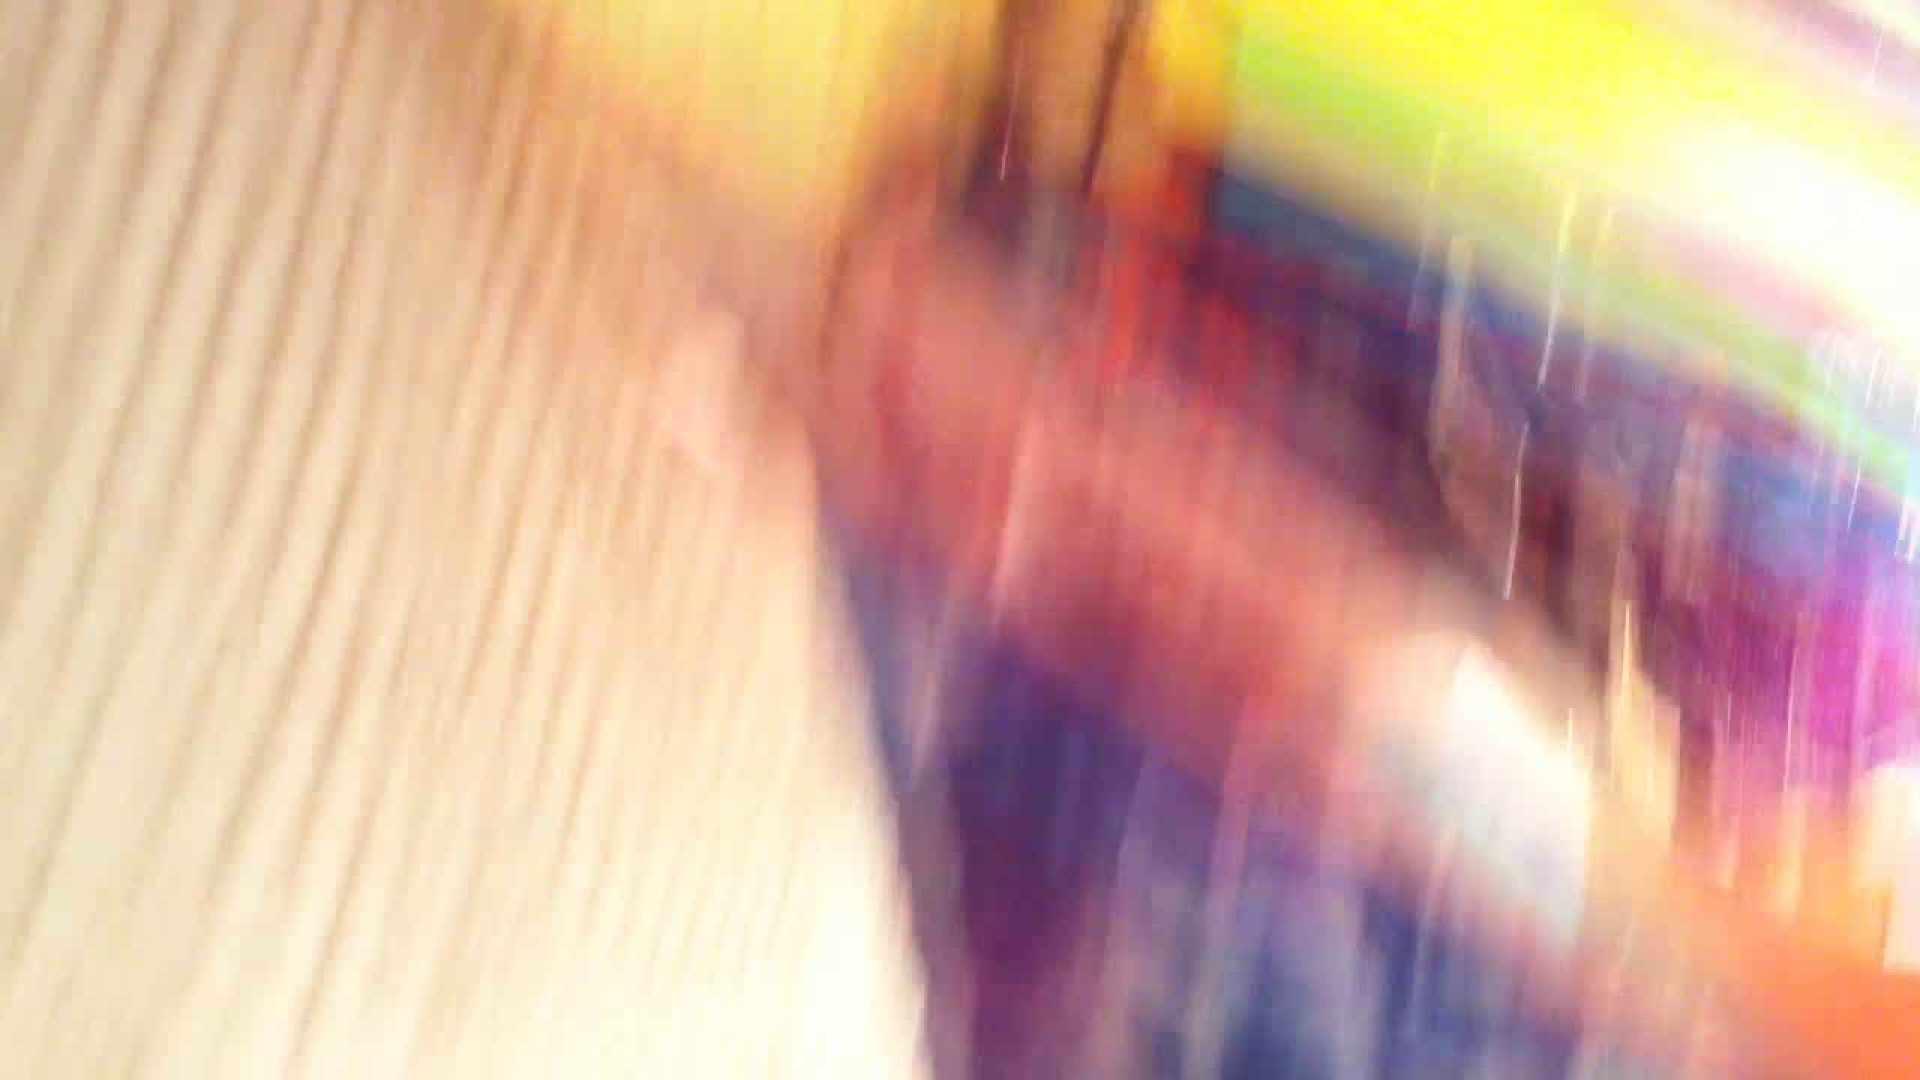 フルHD ショップ店員千人斬り! 大画面ノーカット完全版 vol.25 OLエロ画像 盗撮おまんこ無修正動画無料 77PICs 57